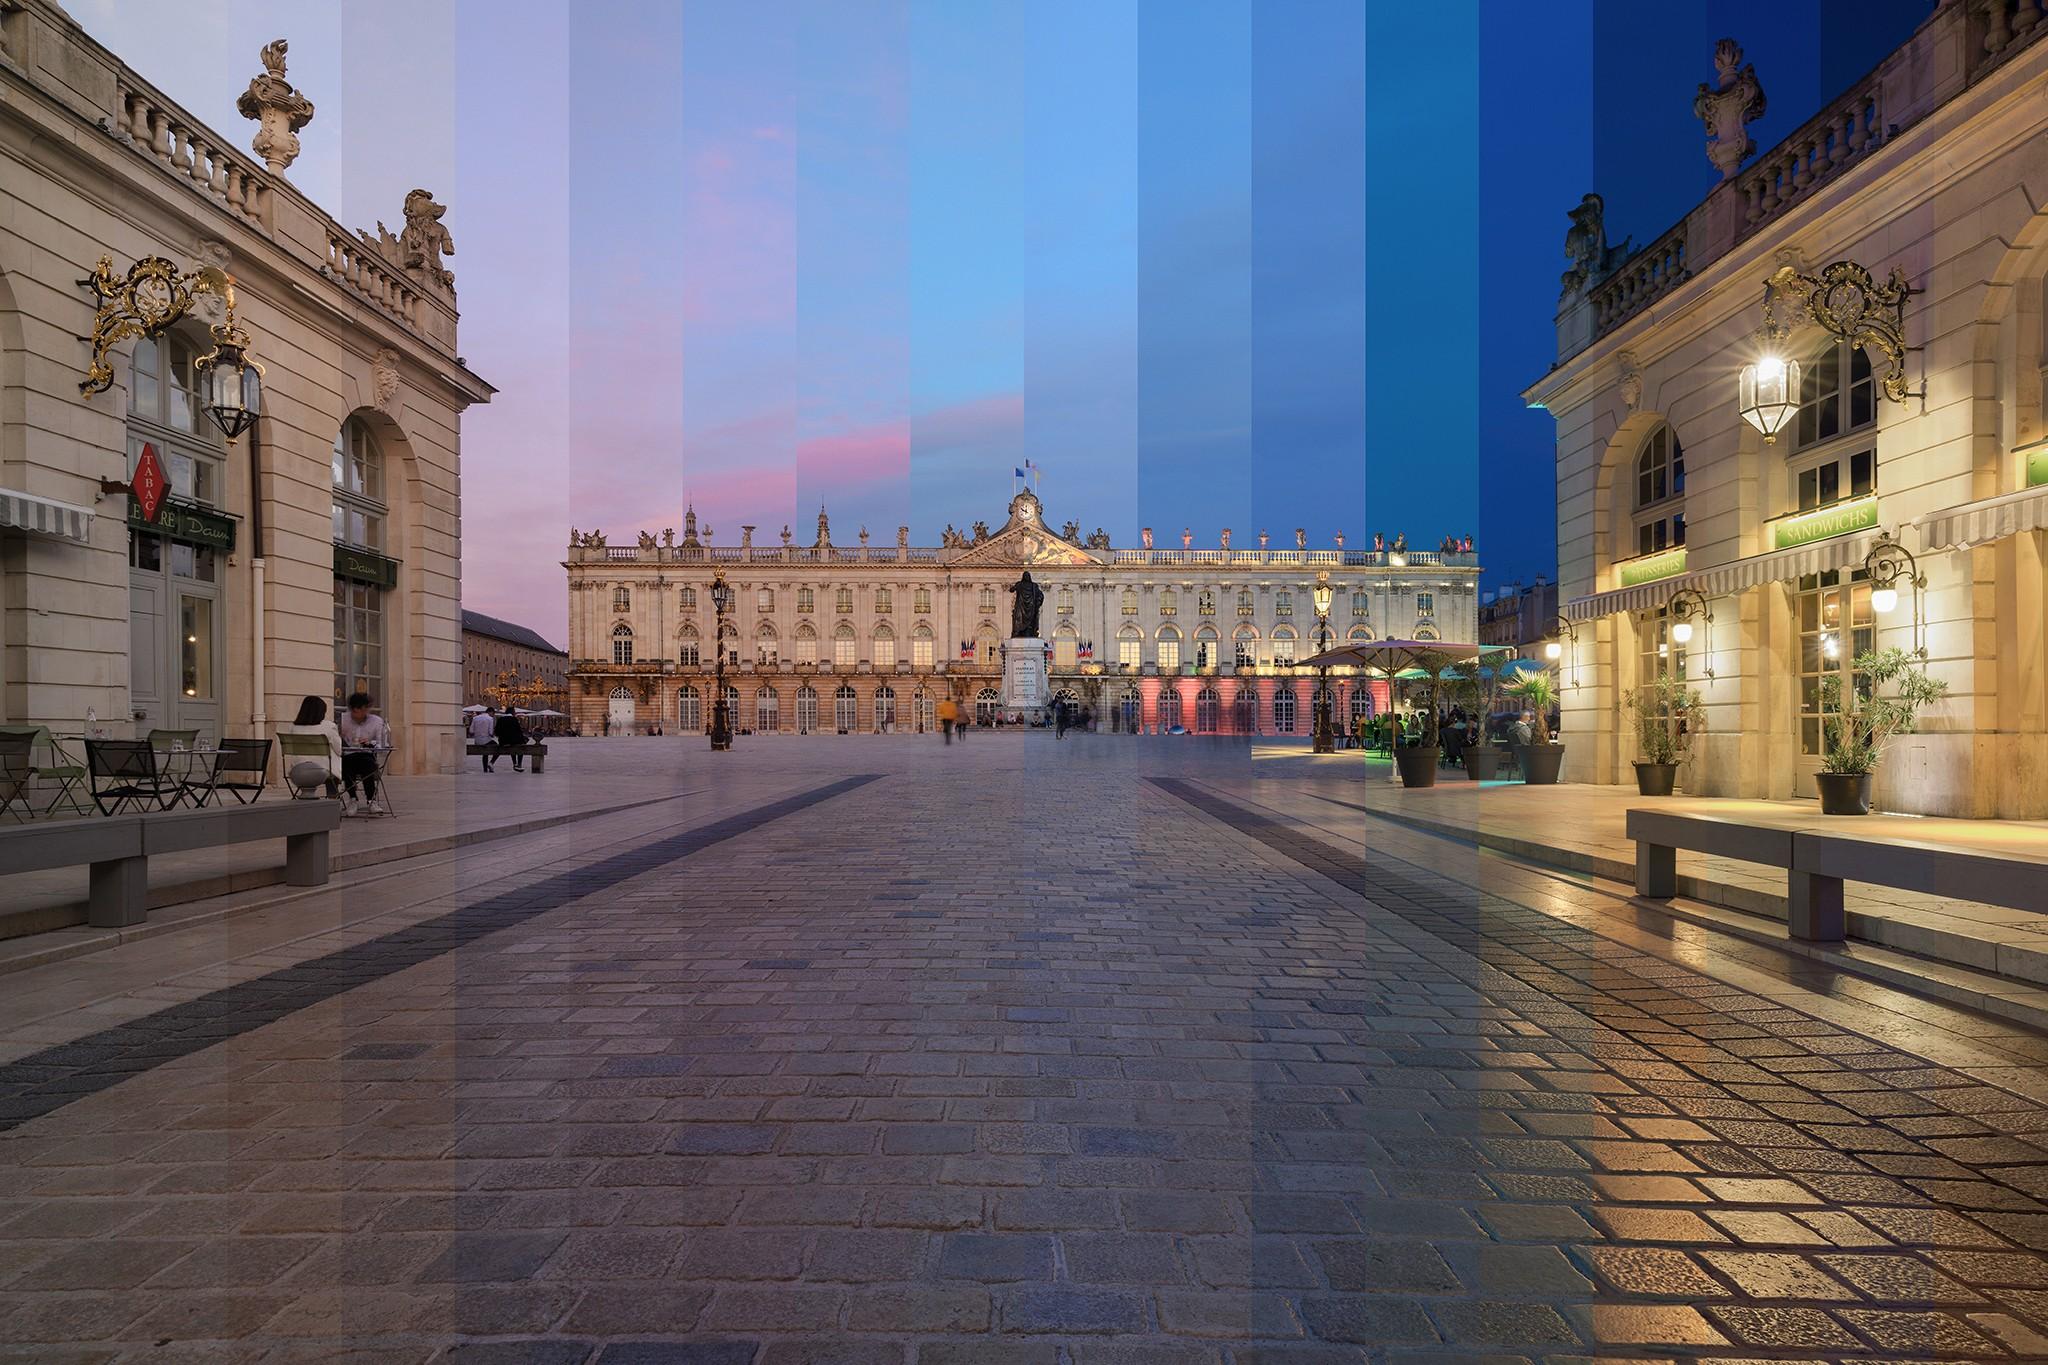 Jour / nuit en 18 étapes, 1h20 entre l'image de gauche et celle de droite | Place Stanislas © Pierre ROLIN - Photographe Nancy - Lorraine / Grand Est